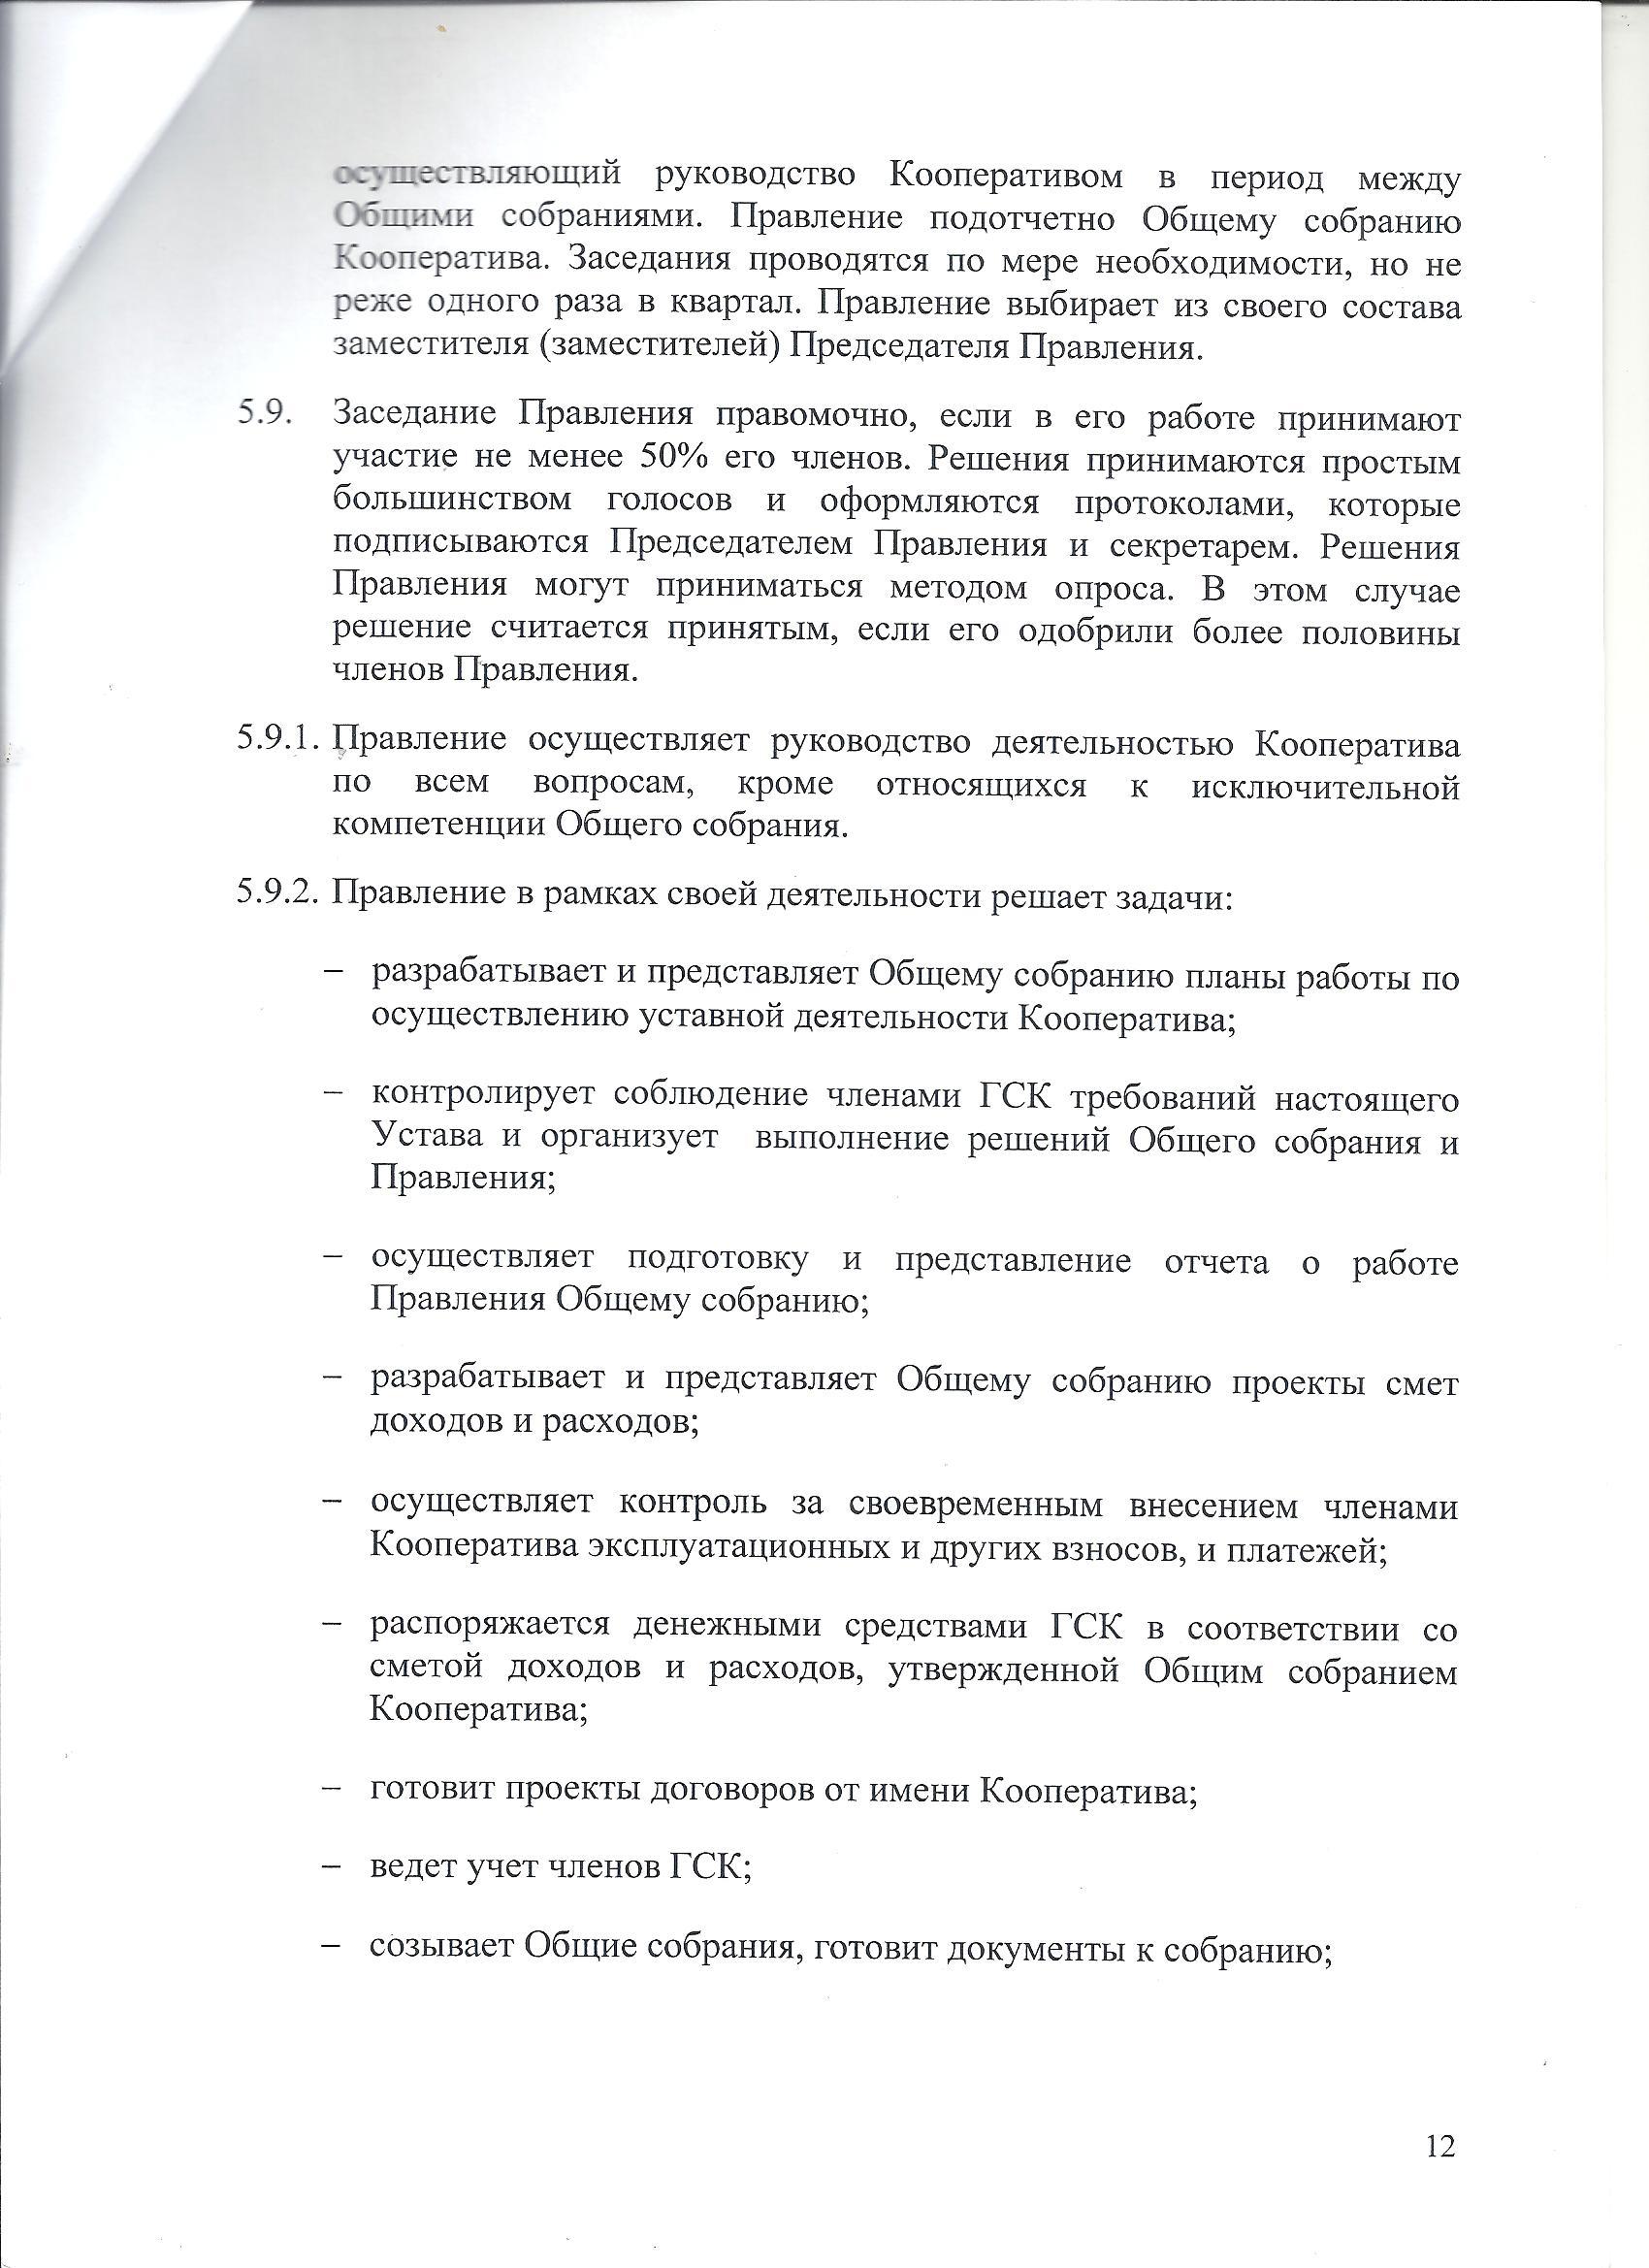 http://forumupload.ru/uploads/0018/e6/9c/2/818653.jpg